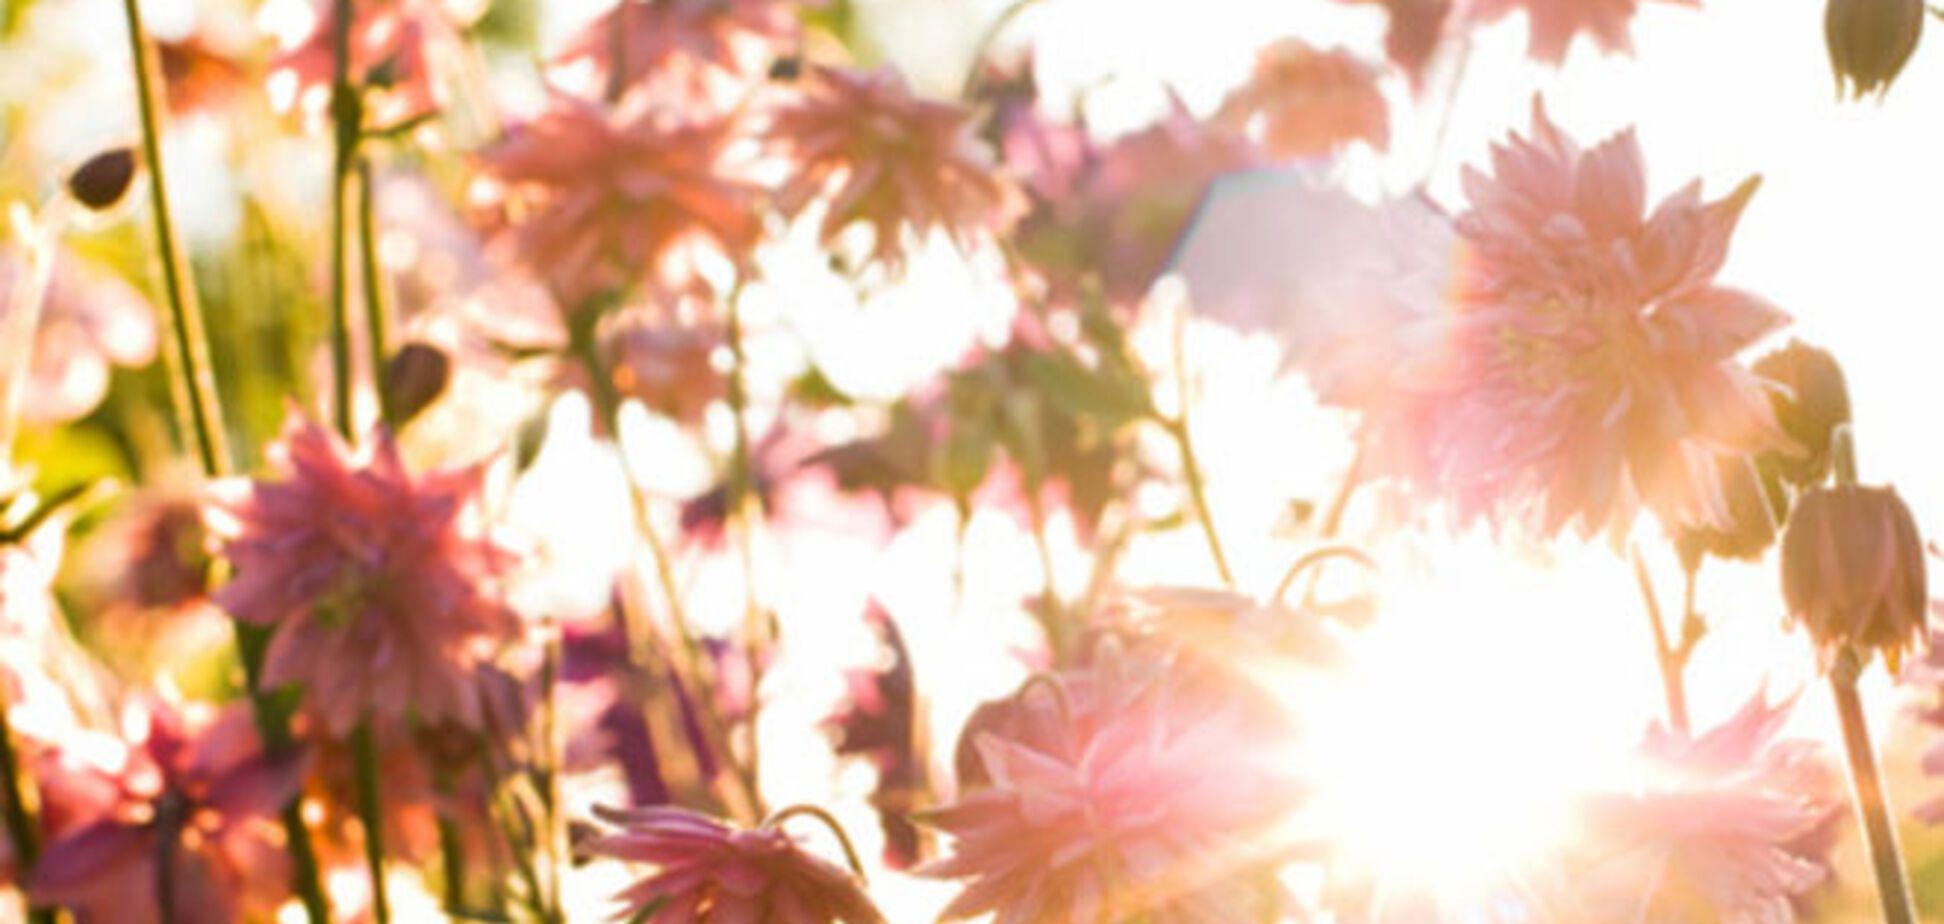 Врачи предупреждают об опасности весеннего солнца